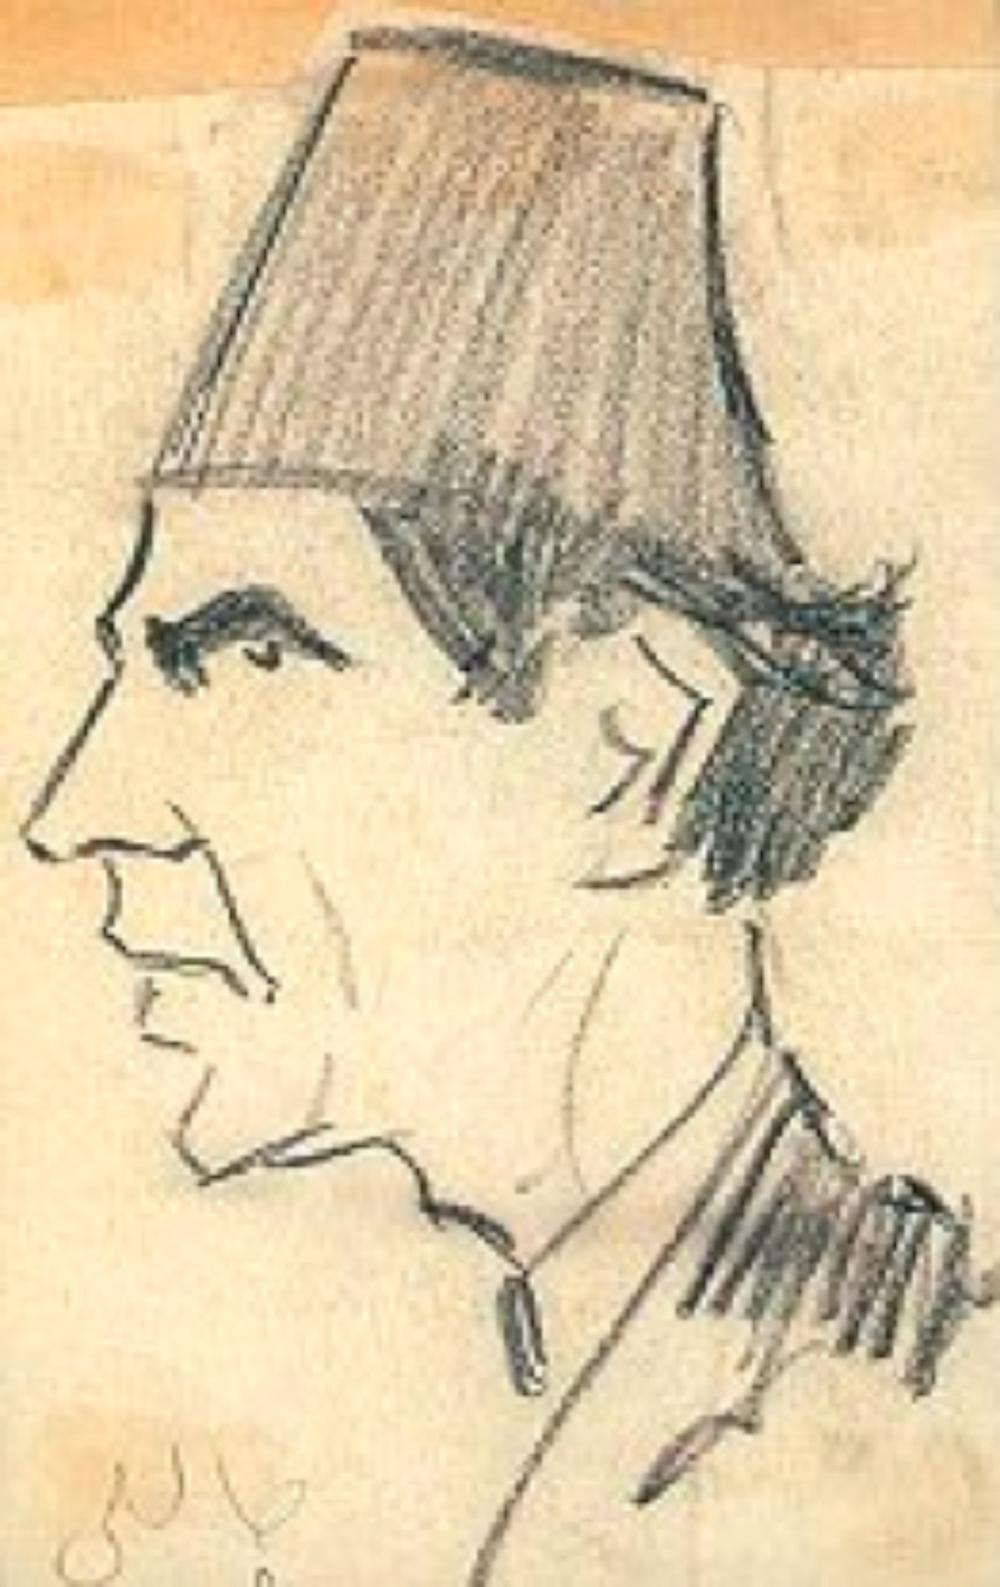 İbrahim Çallı resmin her janrında çalıştı. Fırçasını natürmort, manzara, nü ve portrelerde ustalıkla kullandı. Resimde yağlıboyayı tercih etti. Suluboyalı, karakalemli resimleri pek nadirdir. Bunları sanat için değil, kendi zevki için yapardı. Çallı'nın kendi kaleminden fesli gençlik resmi